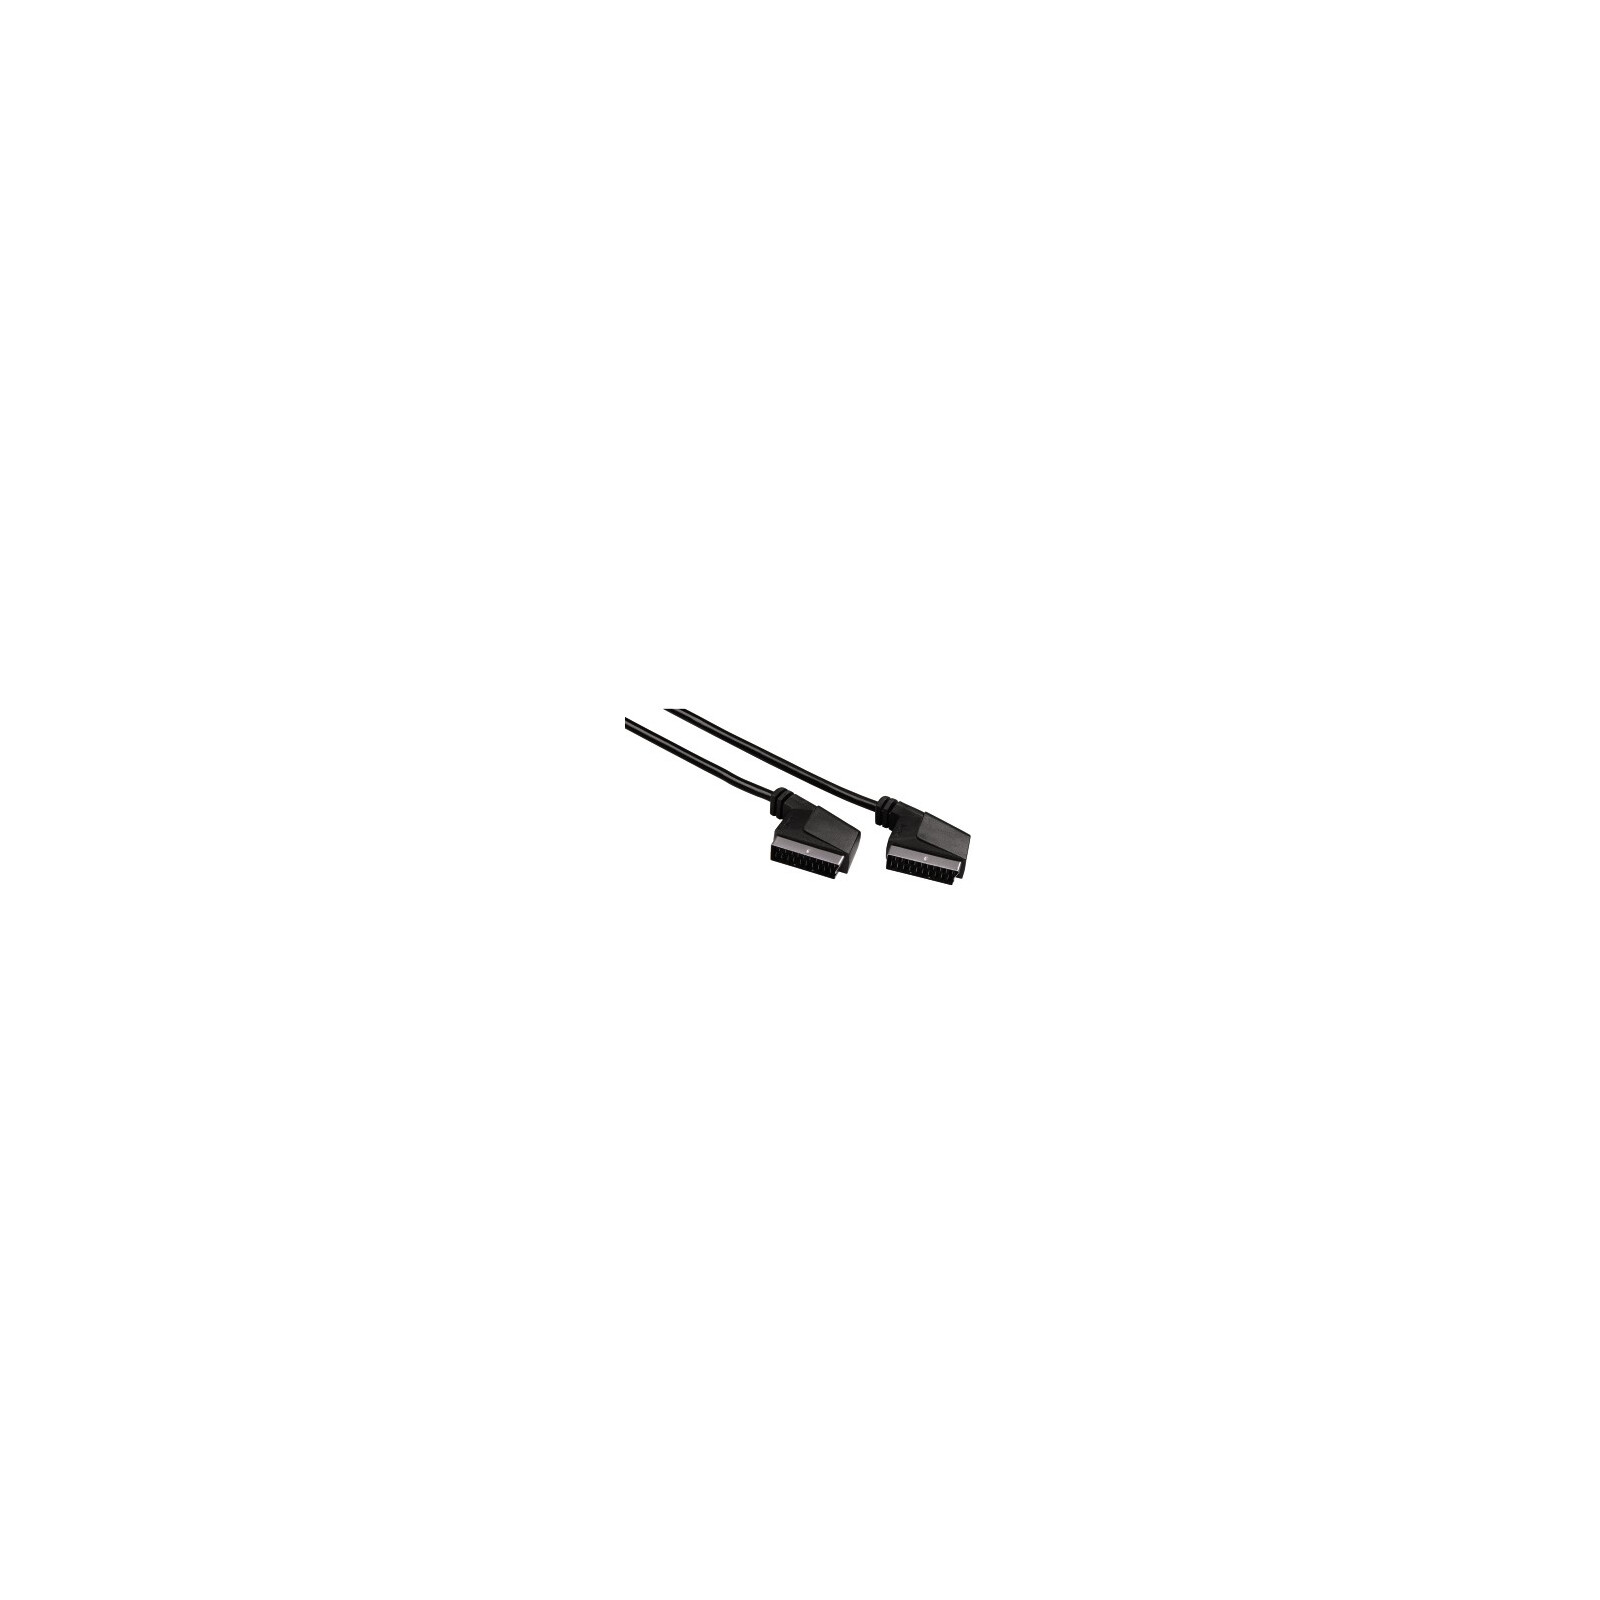 Hama 122140 Scart-Verbindungskabel/Stecker 1,5m